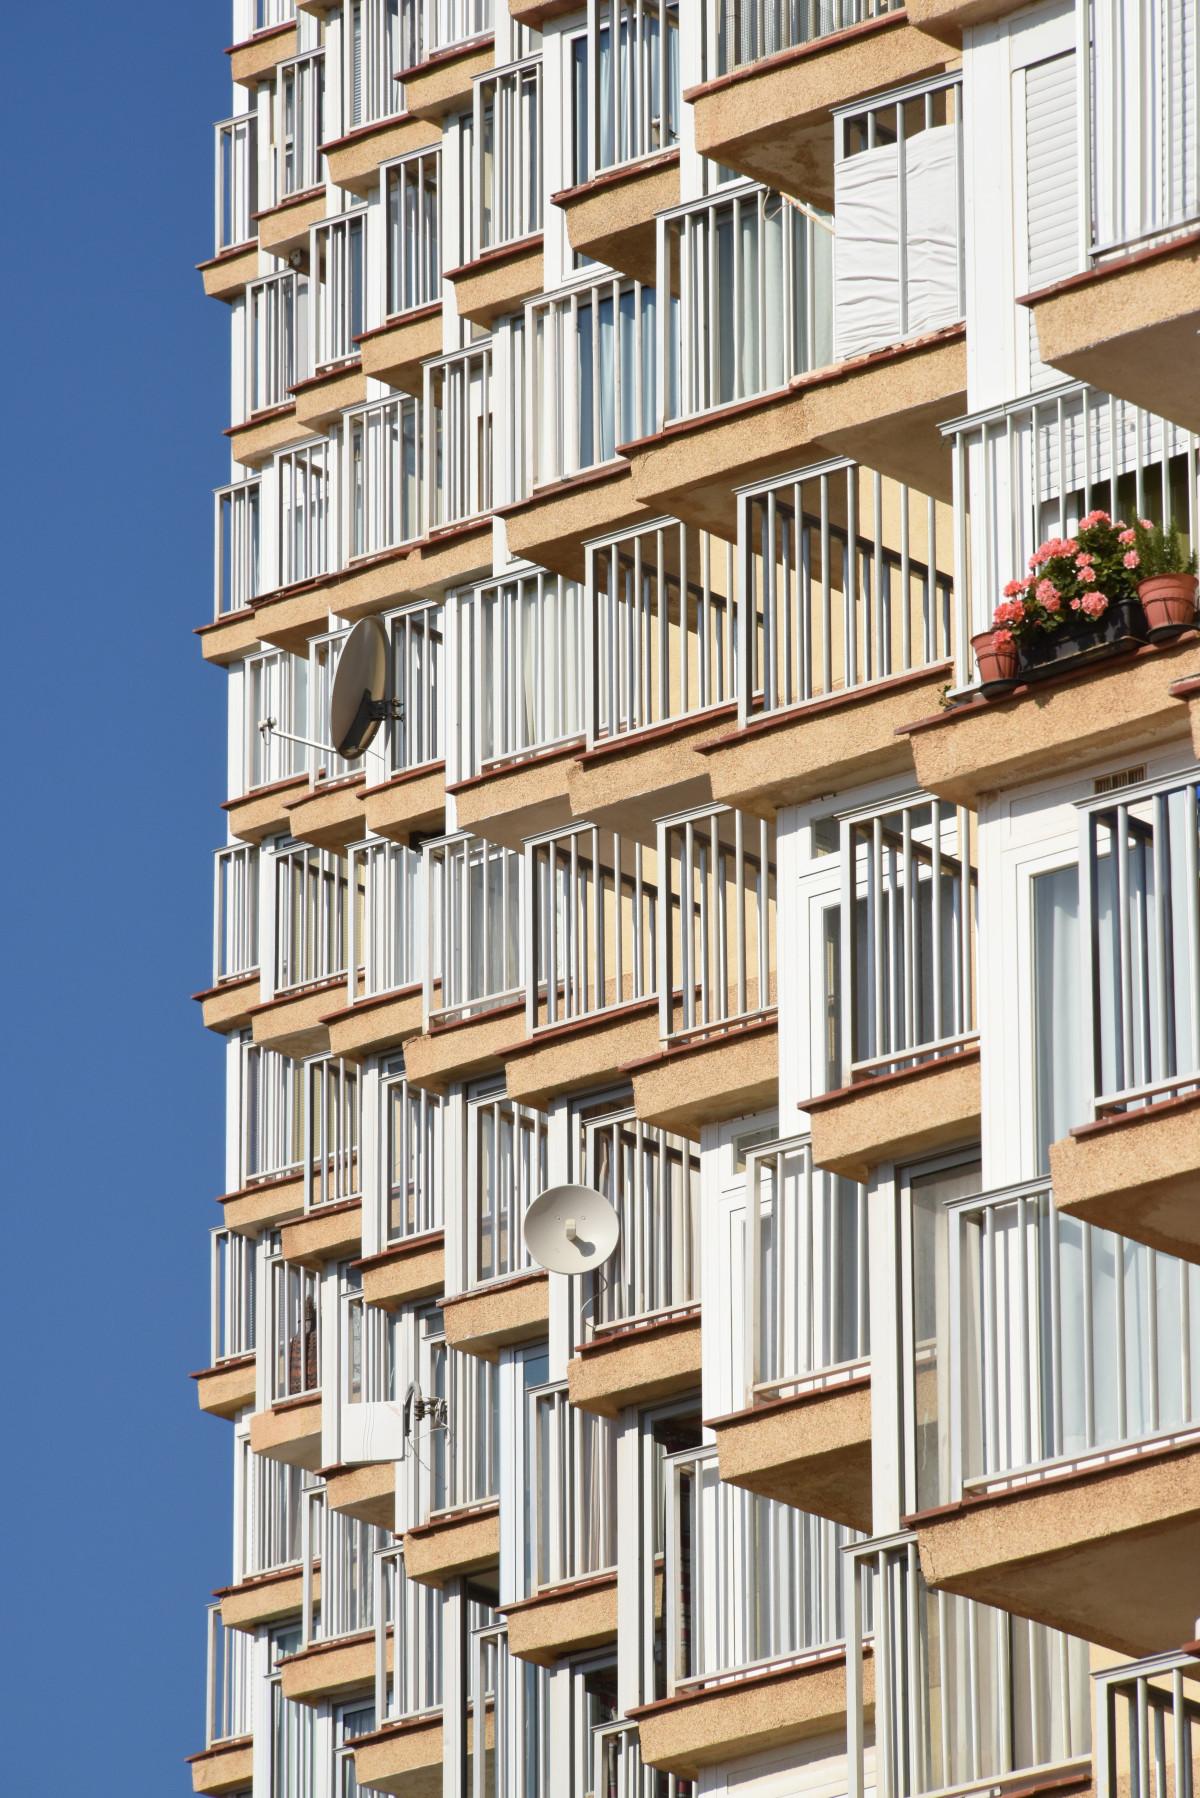 Картинки : архитектура, дерево, окно, здание, балкон, фасад,.